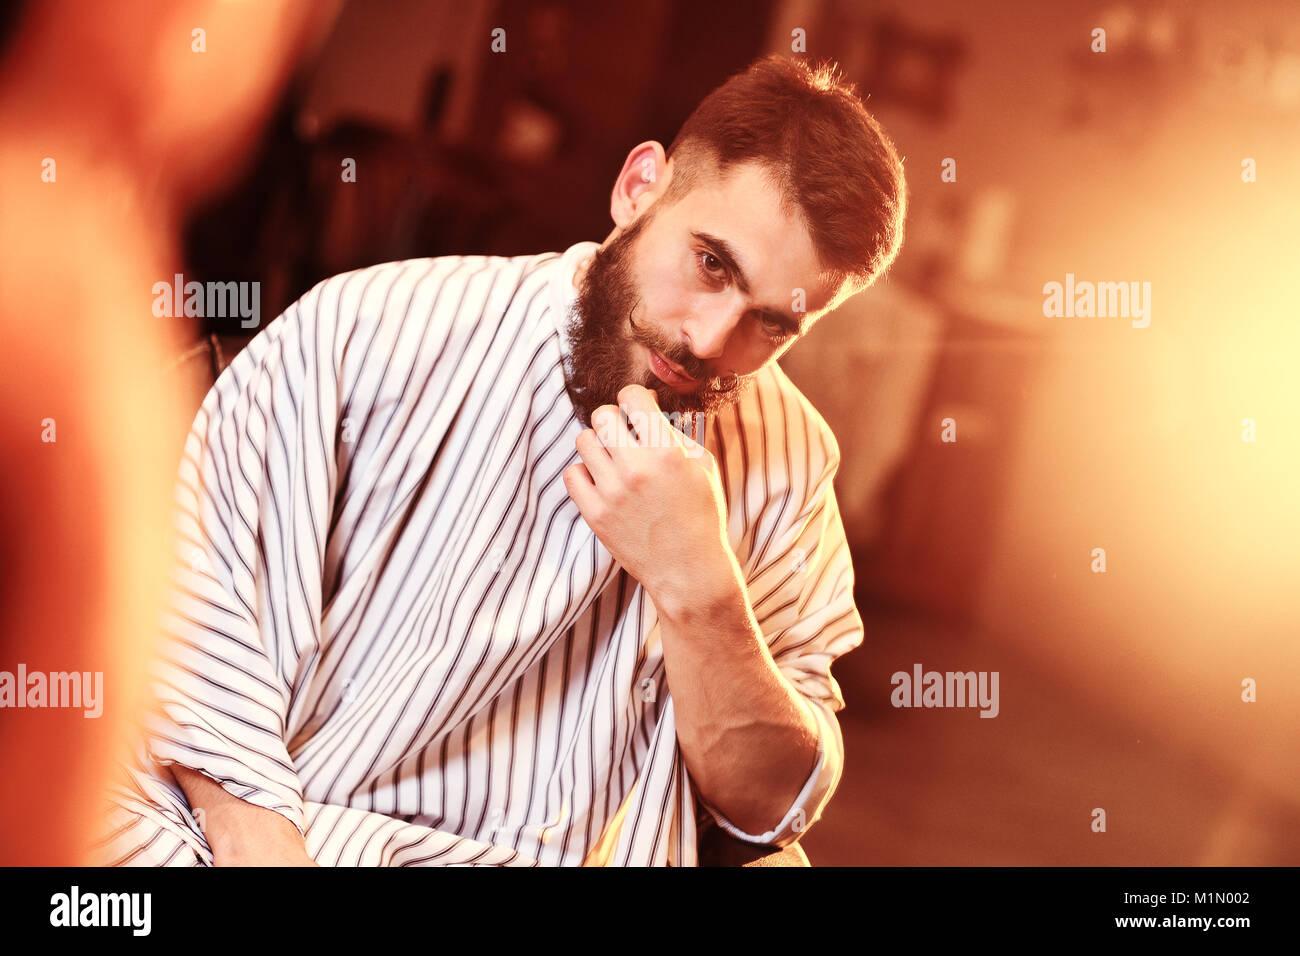 Un bel uomo coraggioso con la barba in una barberia Immagini Stock